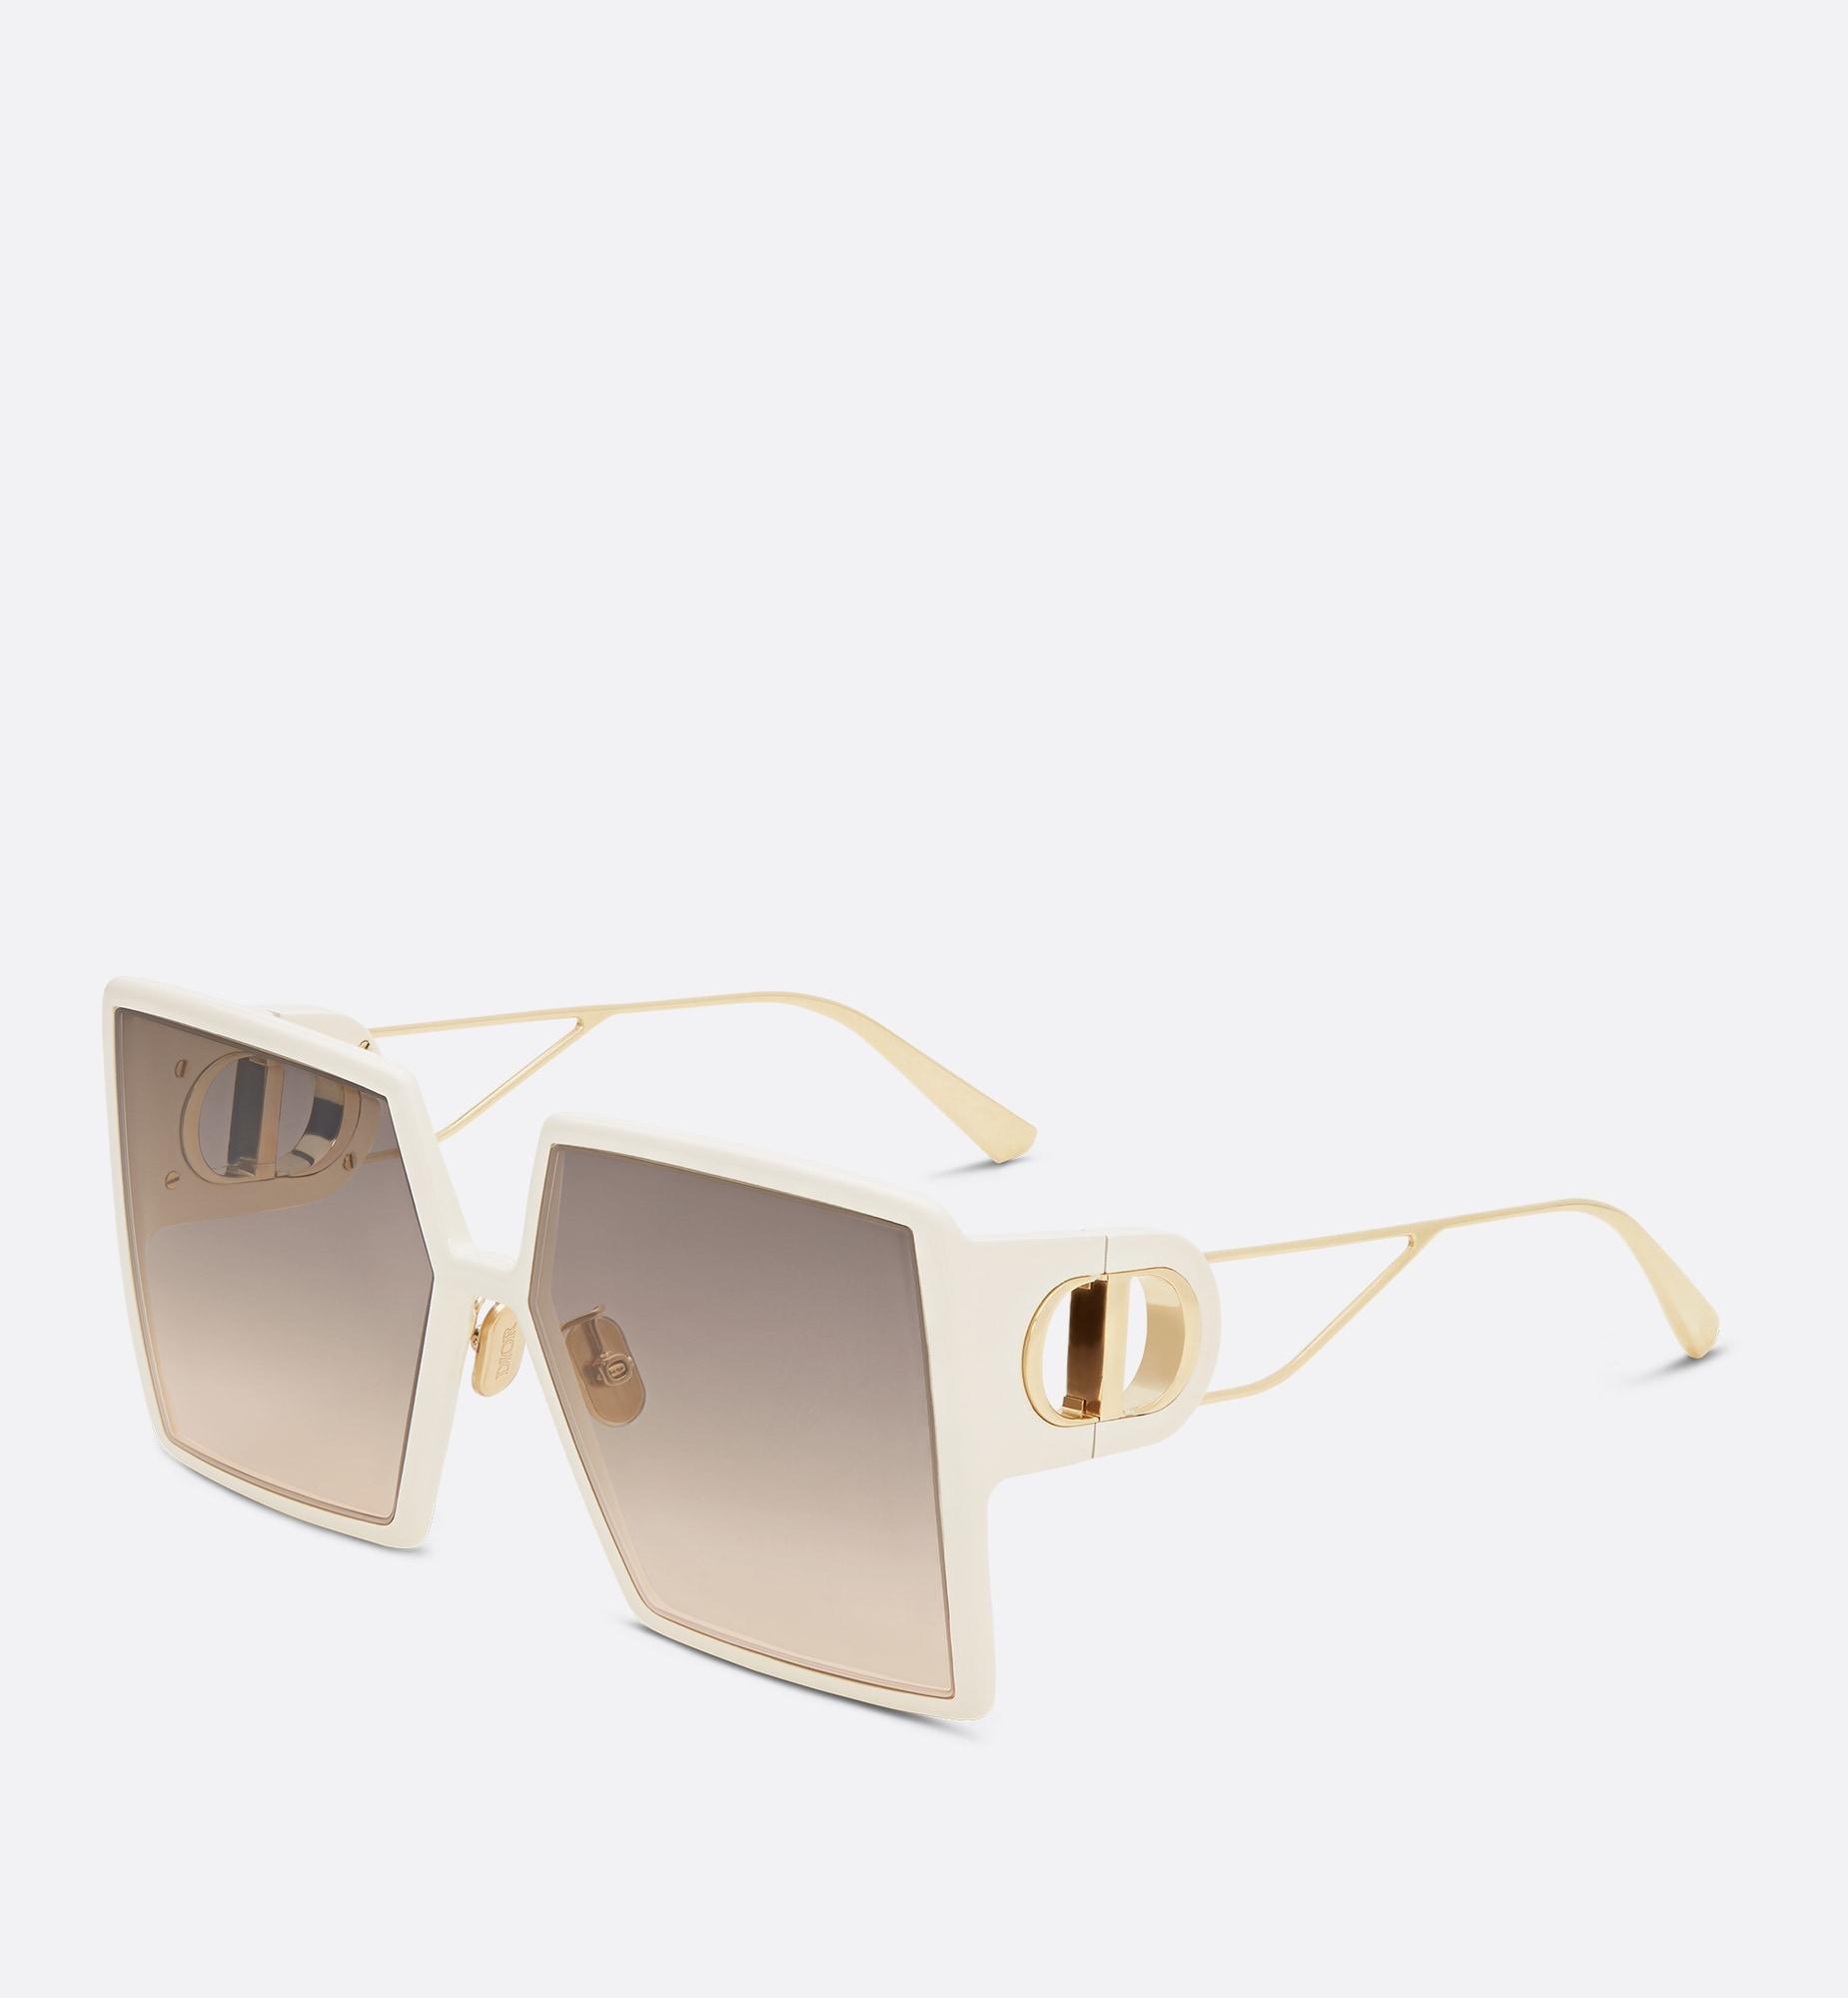 30 Montaigne SU-zonnebril aria_threeQuarterClosedView